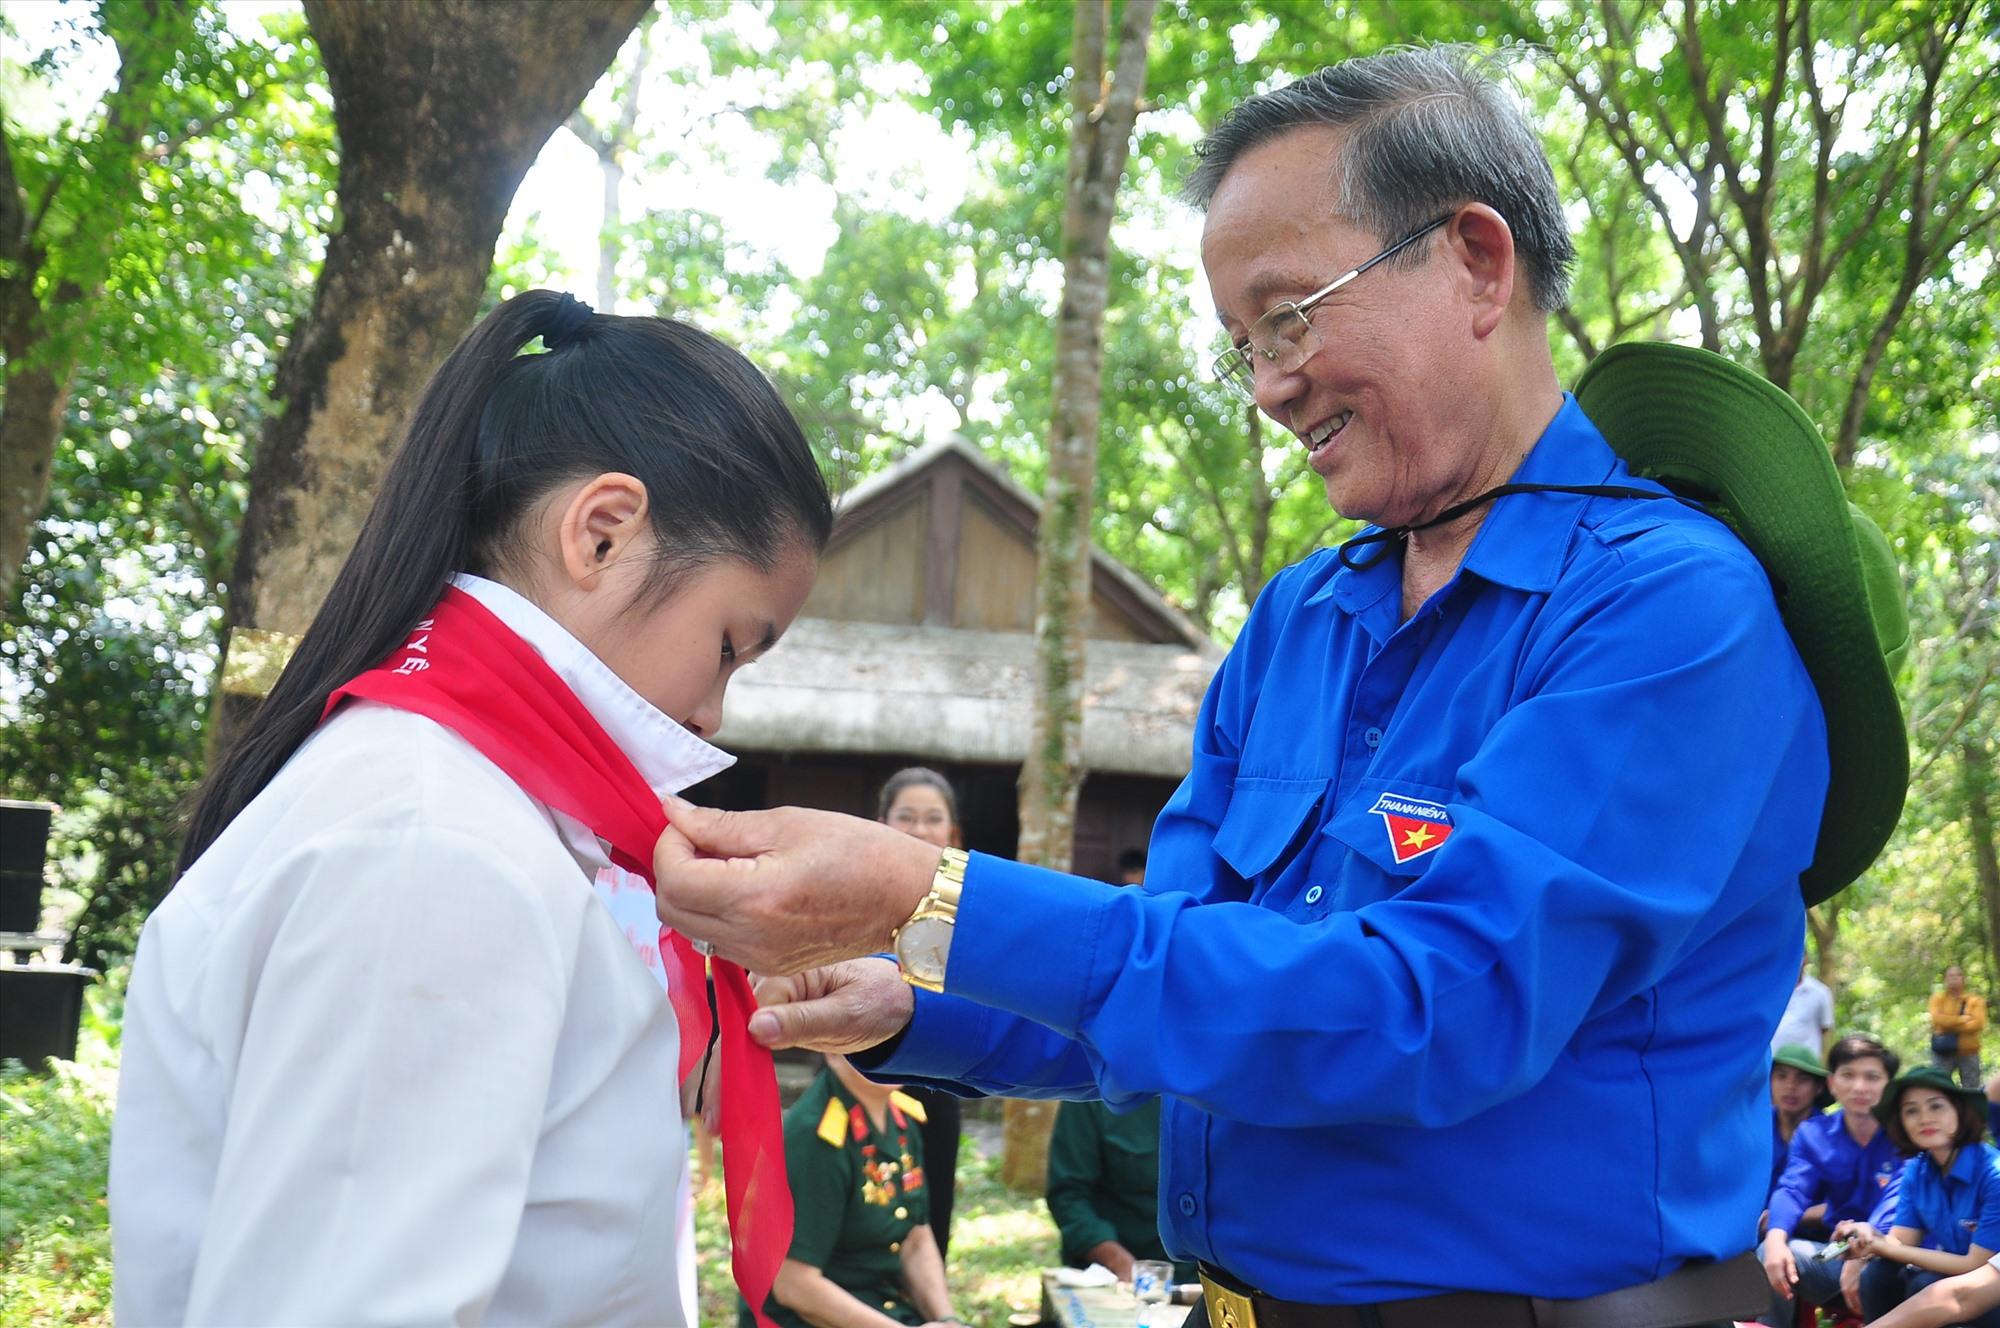 Ông Đỗ Tấn Hùng tặng một học sinh huyện Bắc Trà My chiếc khăn quàng đỏ - kỷ vật thời còn làm công tác đoàn. Ảnh: VINH ANH